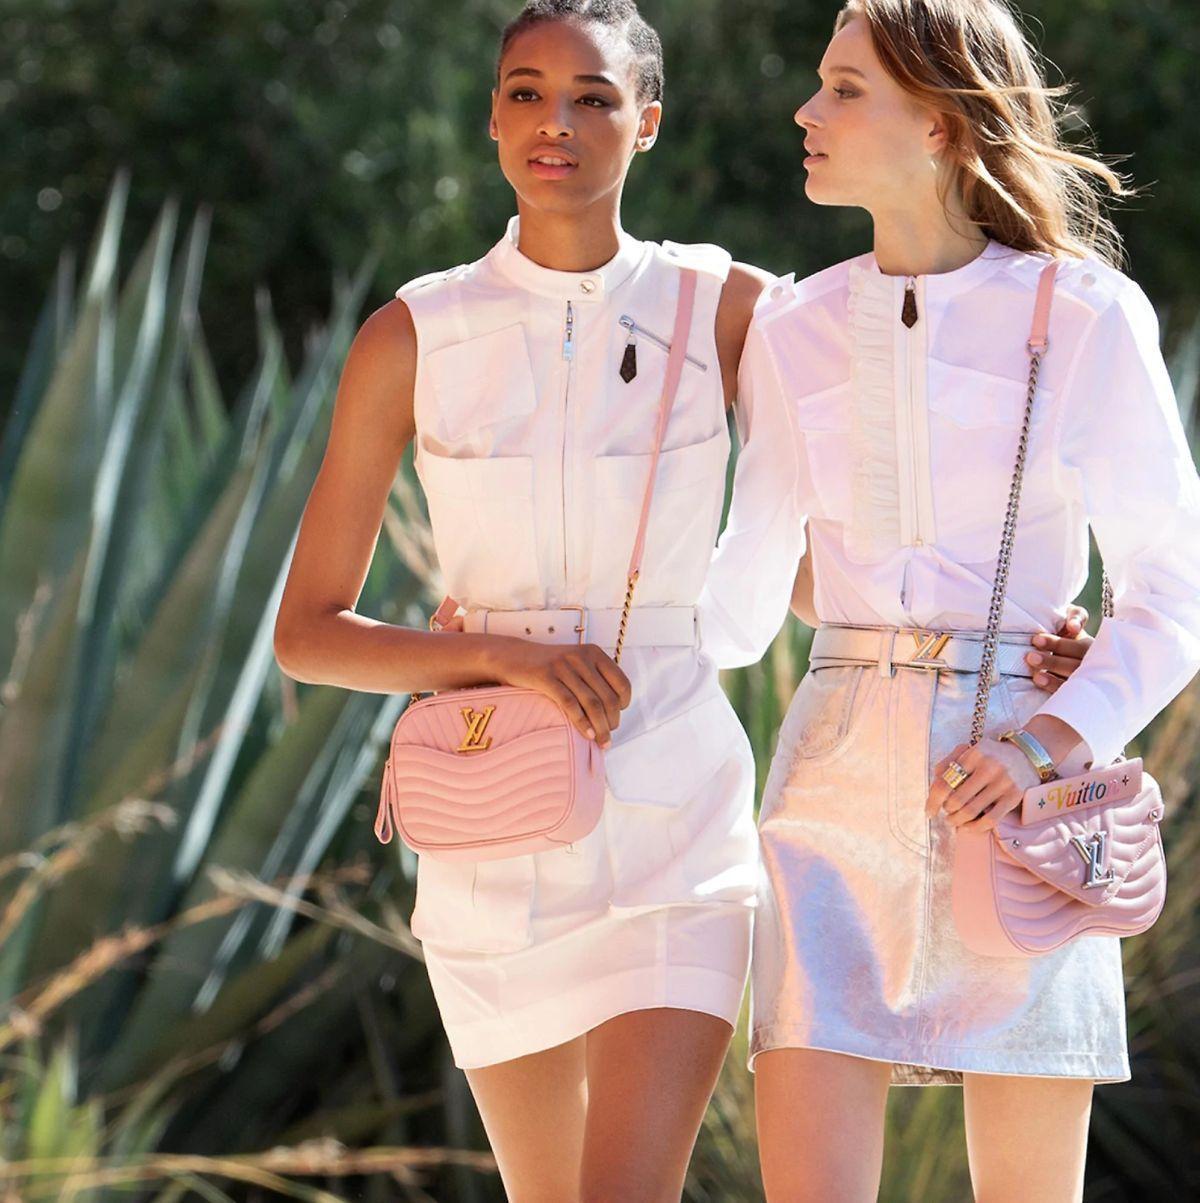 fe3150fe54 Η Louis Vuitton τοποθετεί ευέλικτες οθόνες στις τσάντες της ...